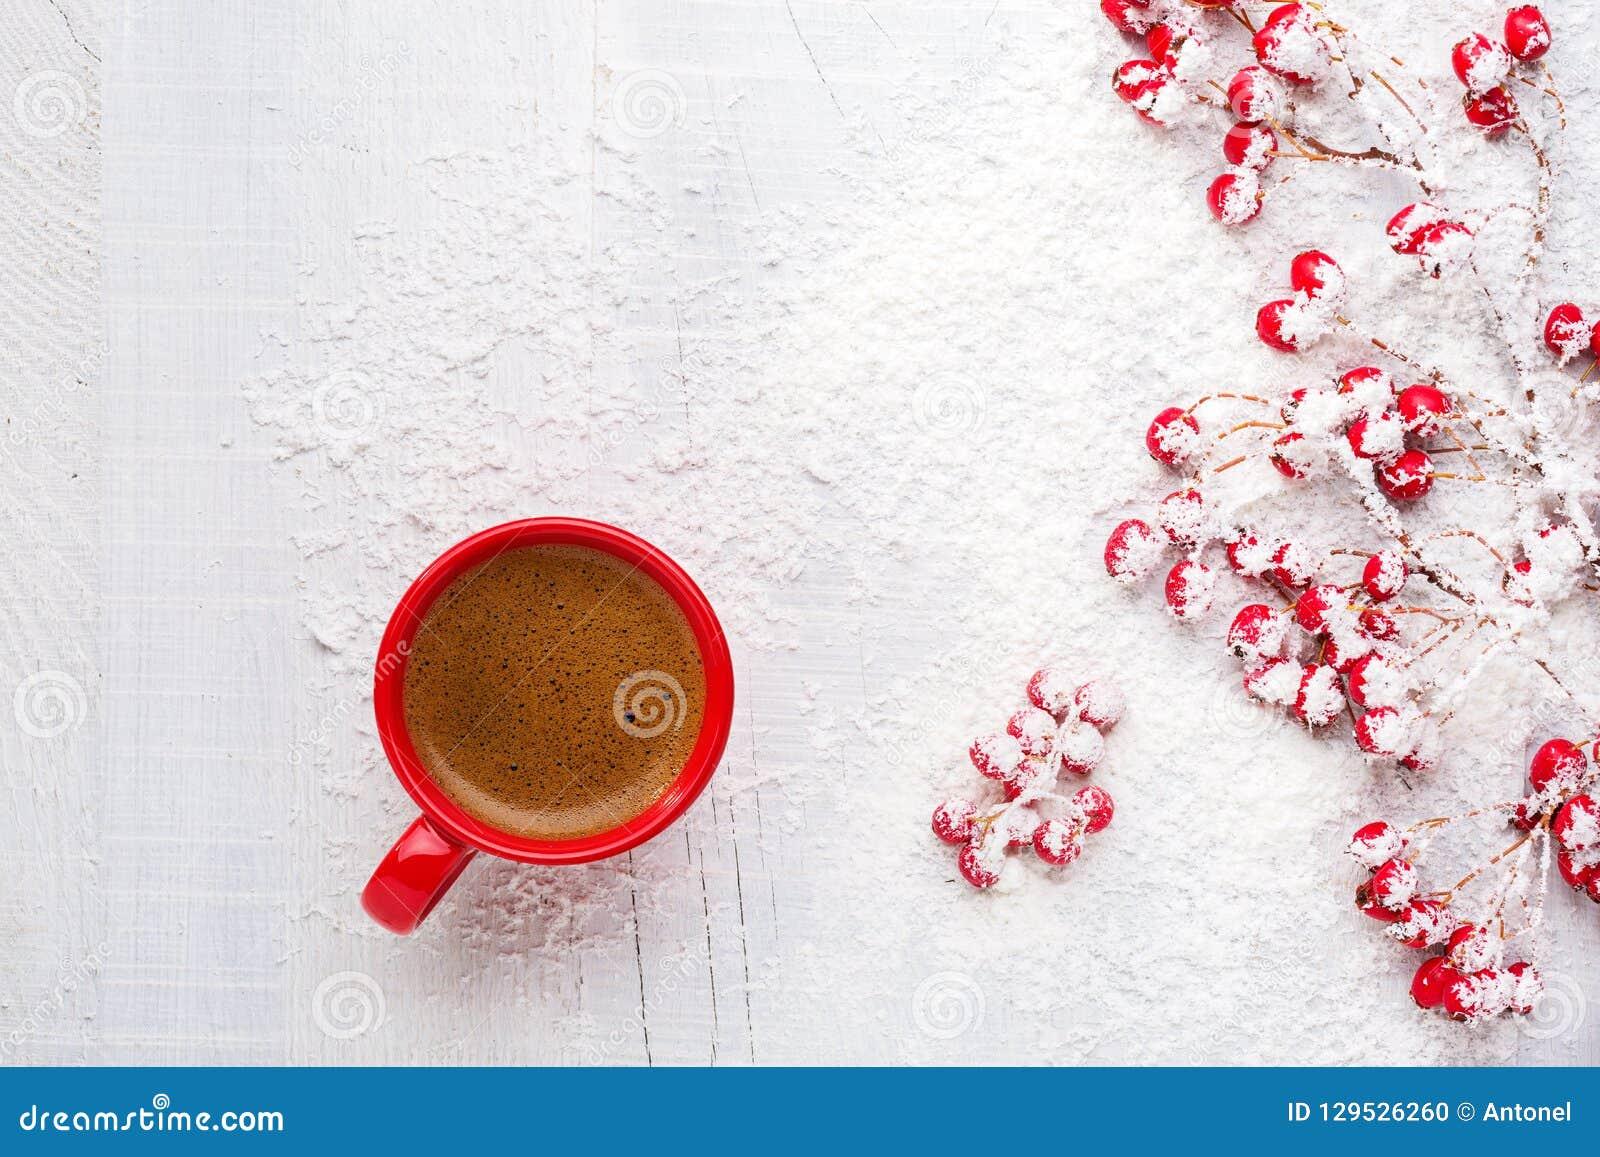 Κόκκινοι φλιτζάνι του καφέ και κλάδοι με τα μούρα κραταίγου σε ένα παλαιό άσπρο ξύλινο υπόβαθρο Επίπεδος βάλτε